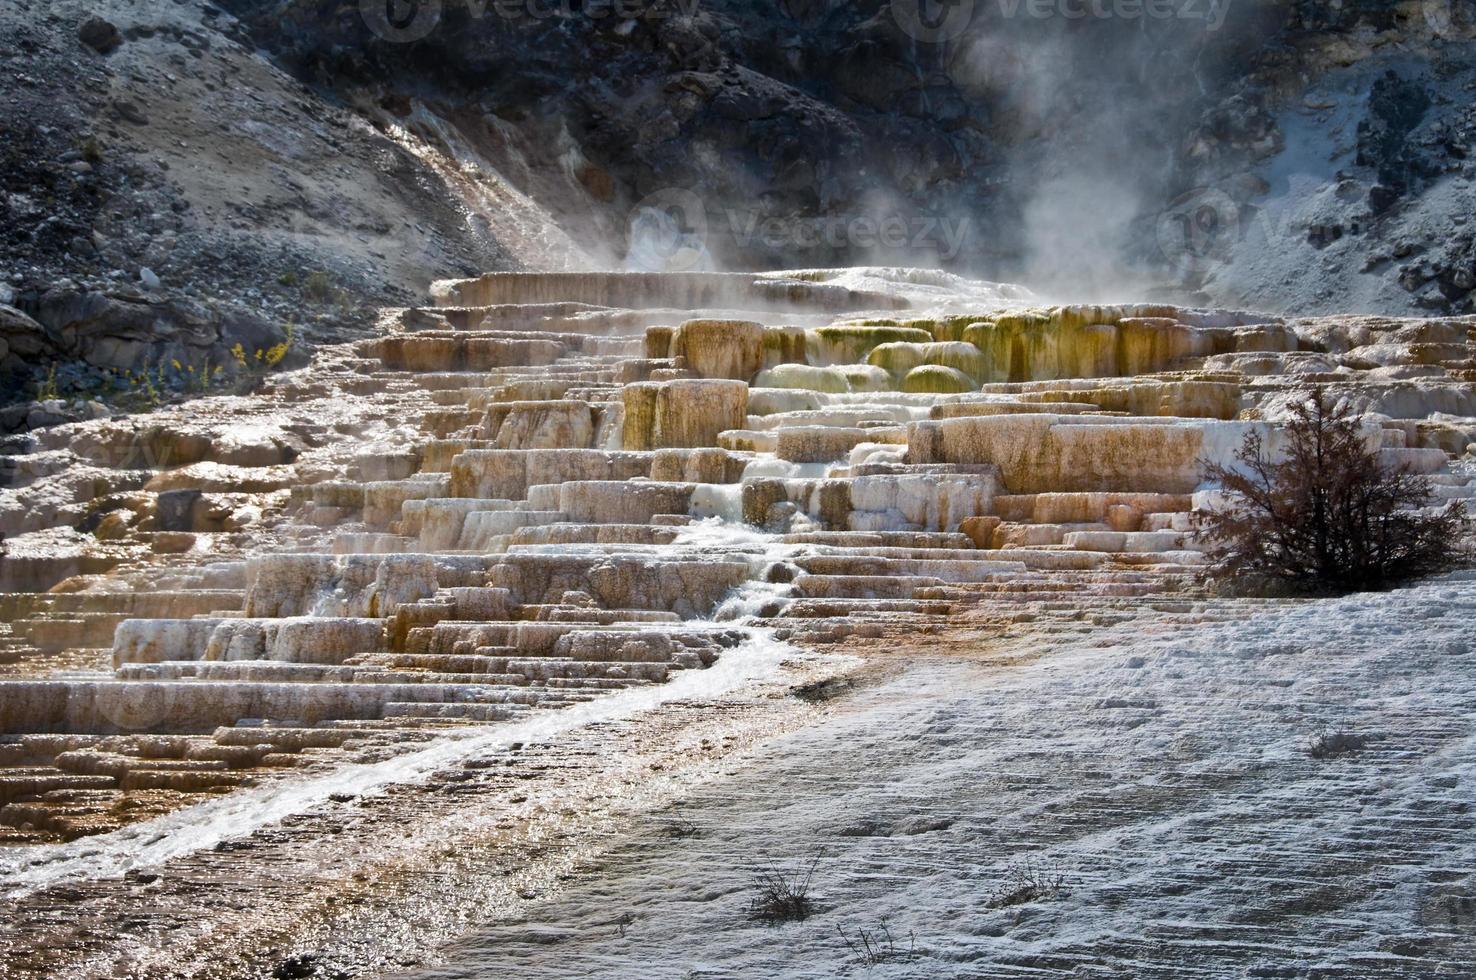 mammoet warmwaterbronnen, yellowstone national park, usa foto